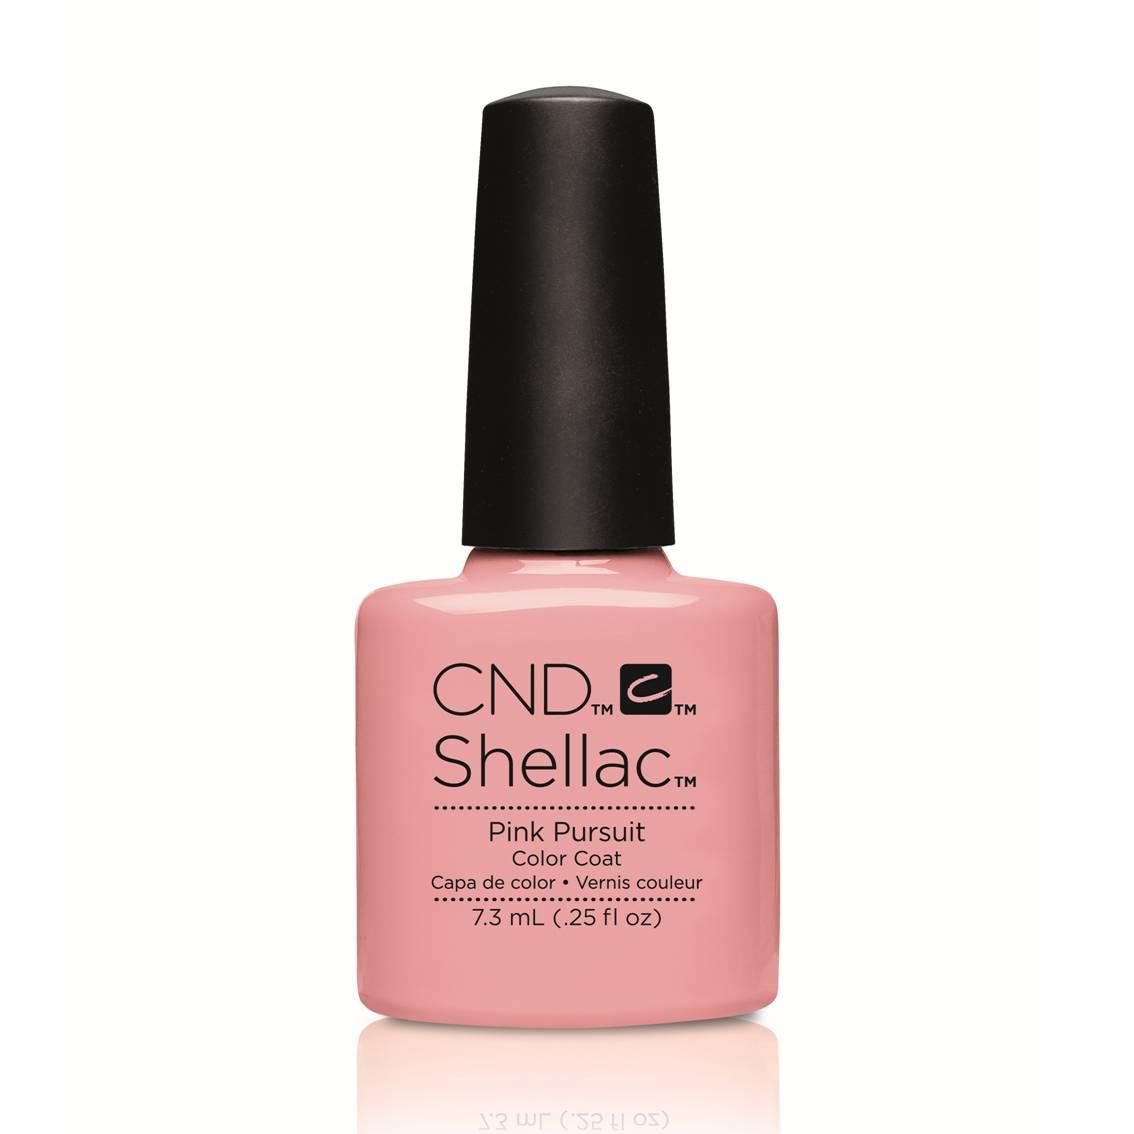 cnd shellac pink pursuit flirtation collection. Black Bedroom Furniture Sets. Home Design Ideas